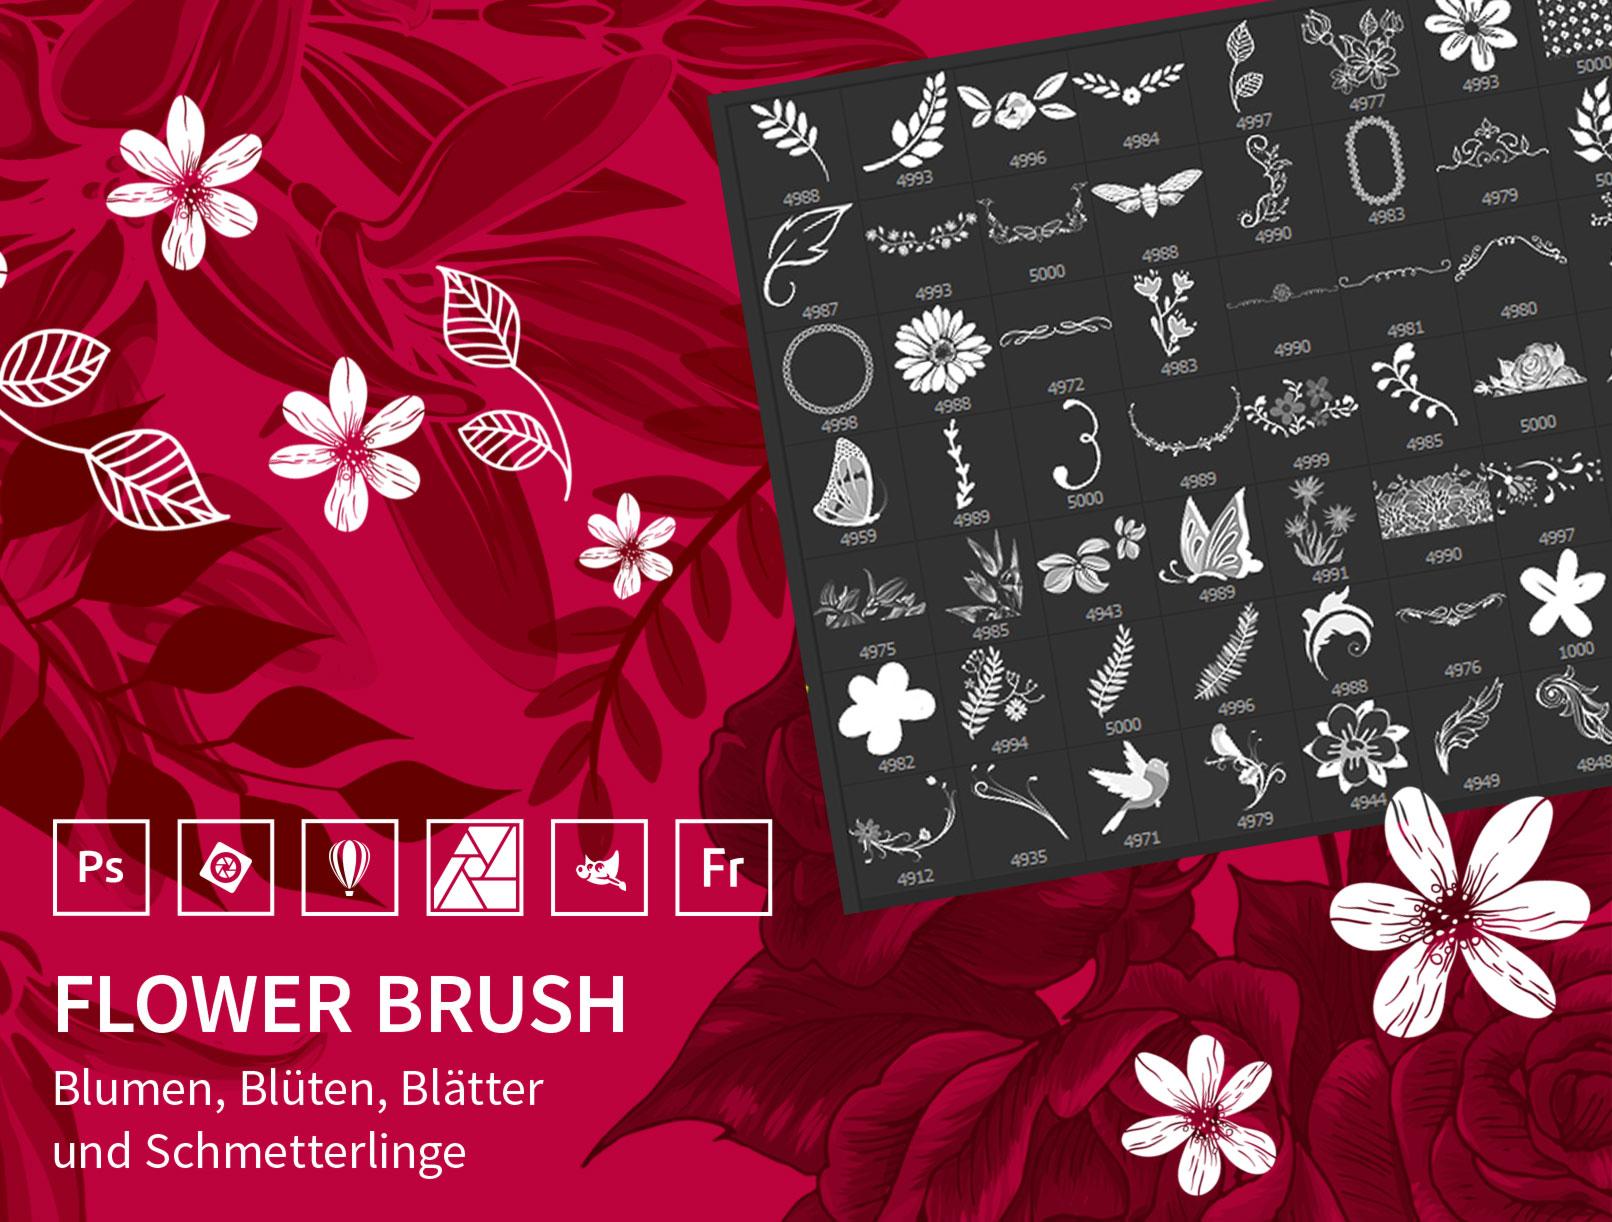 100 Pinselspitzen mit floralen Motiven zur Anwendung in Photoshop, Photoshop Elements, GIMP und Affinity Photo